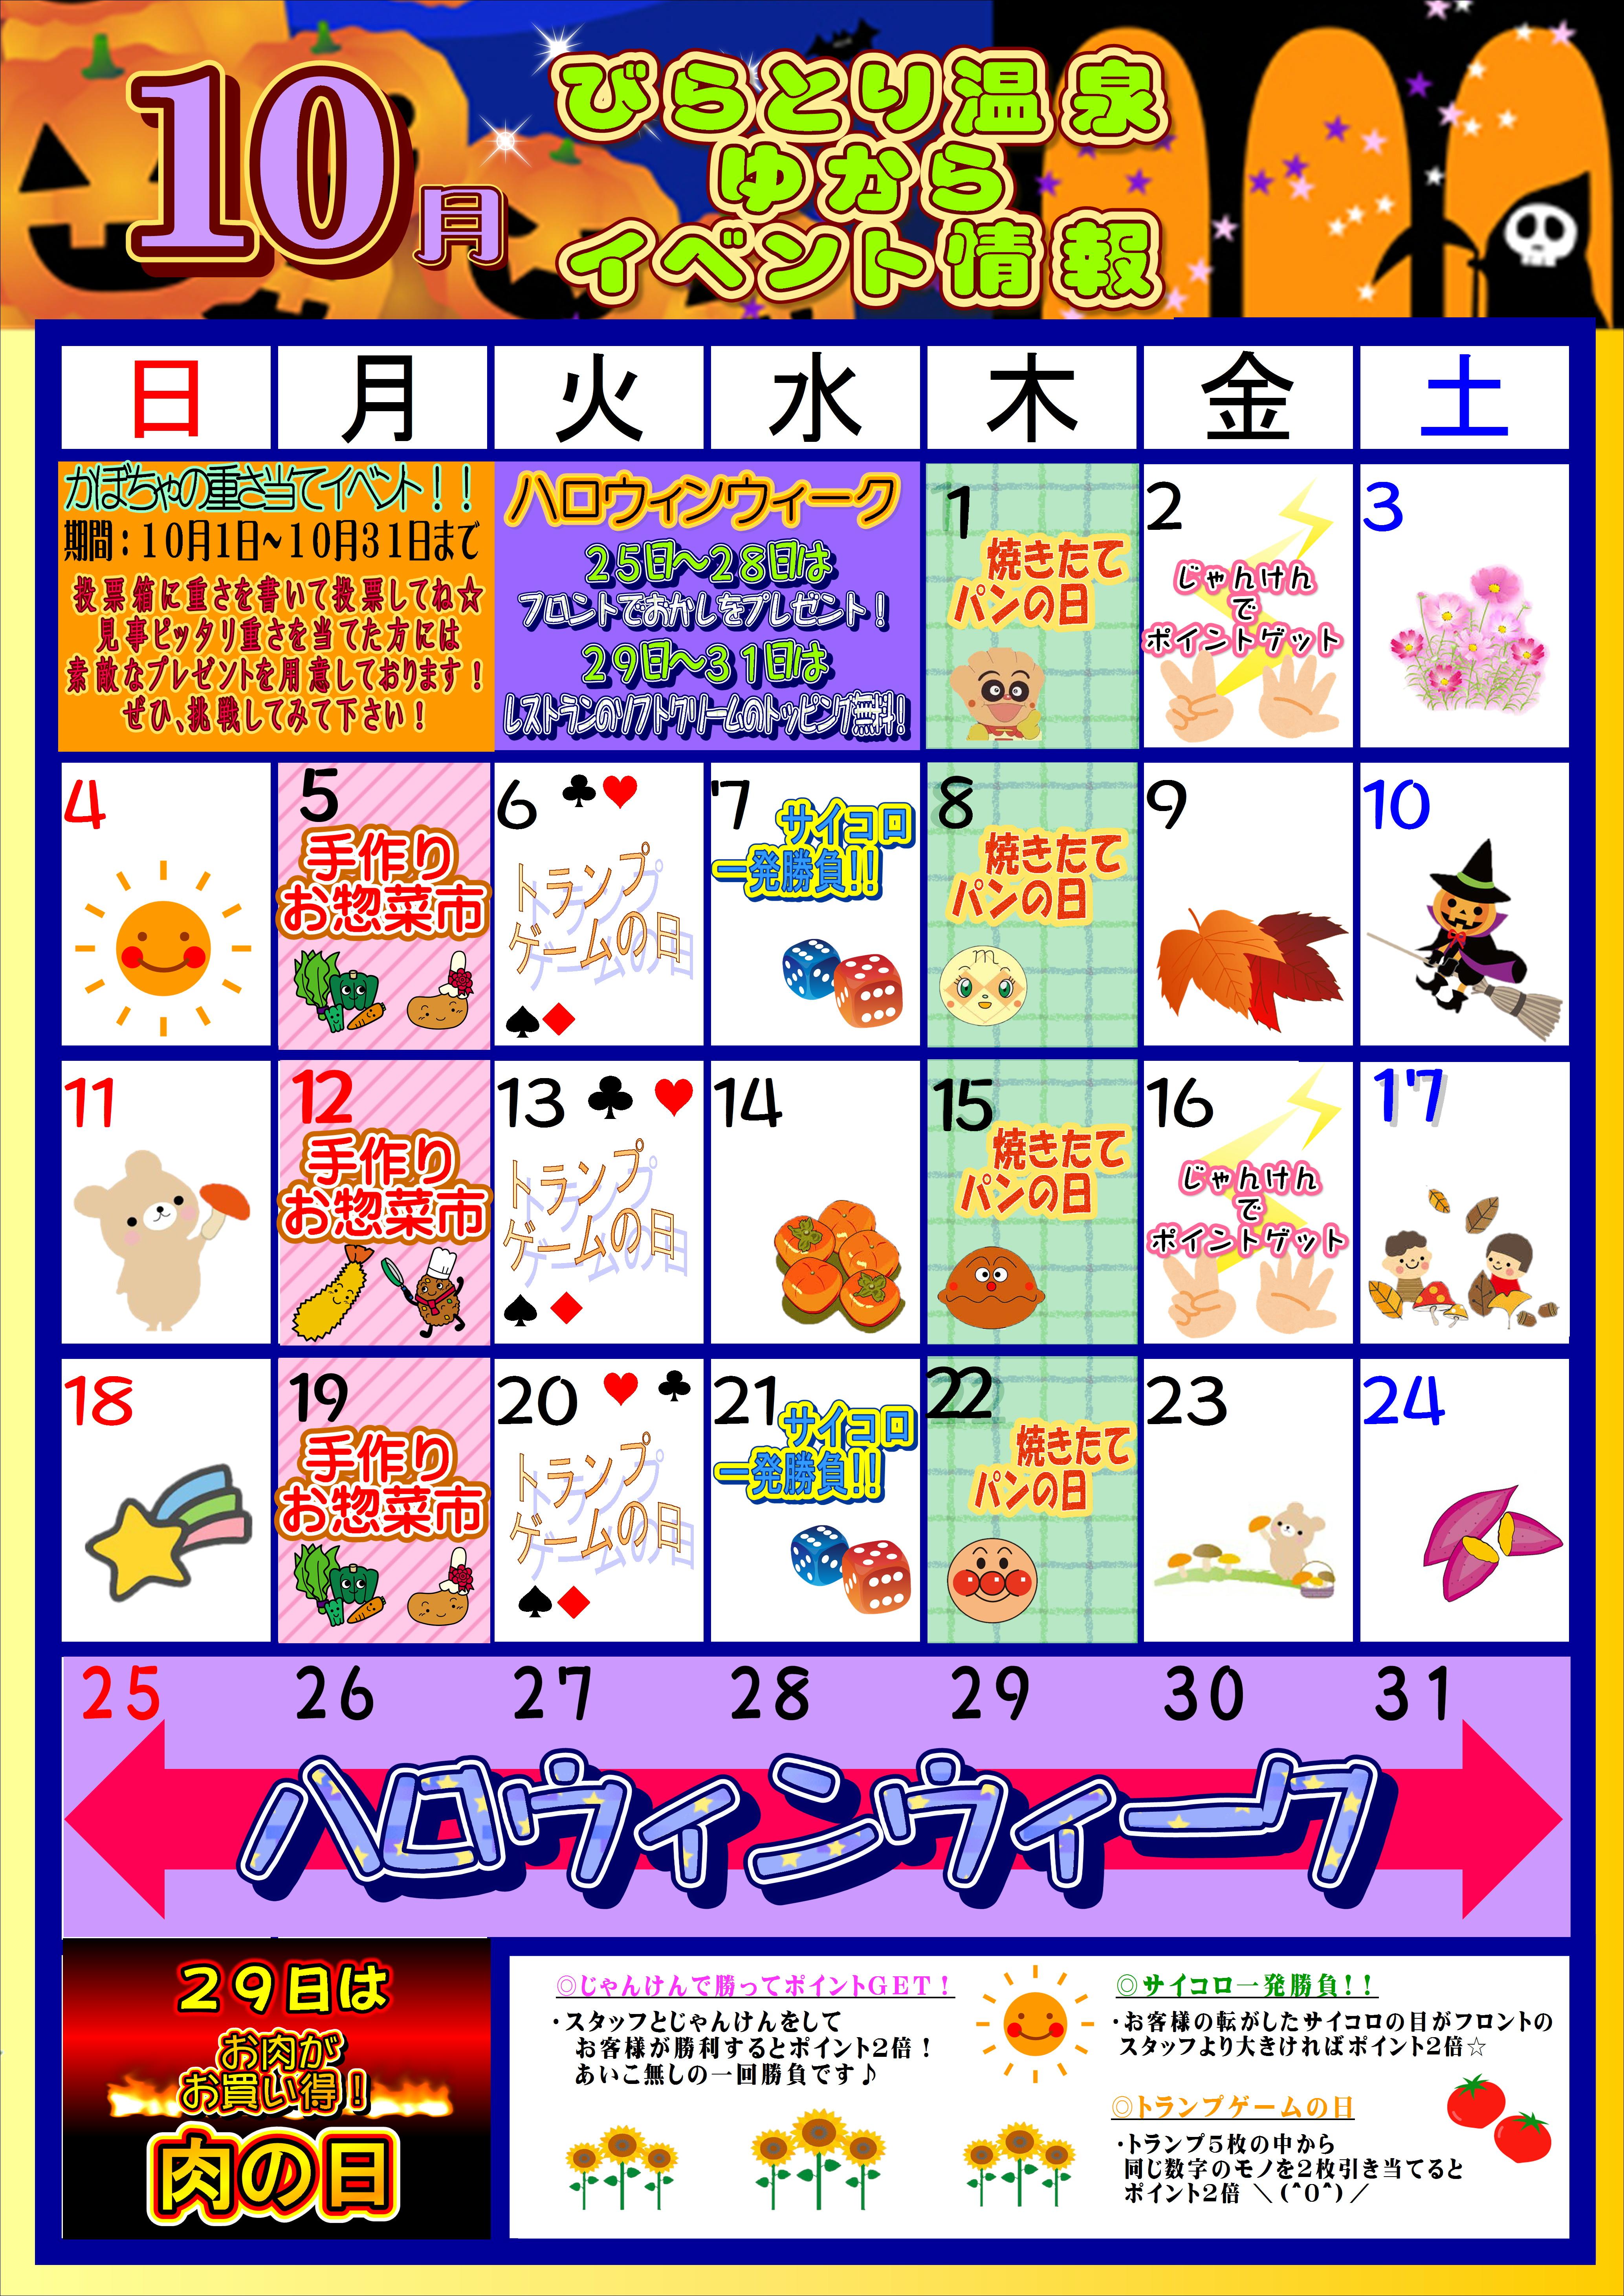 10月カレンダー2.JPEG